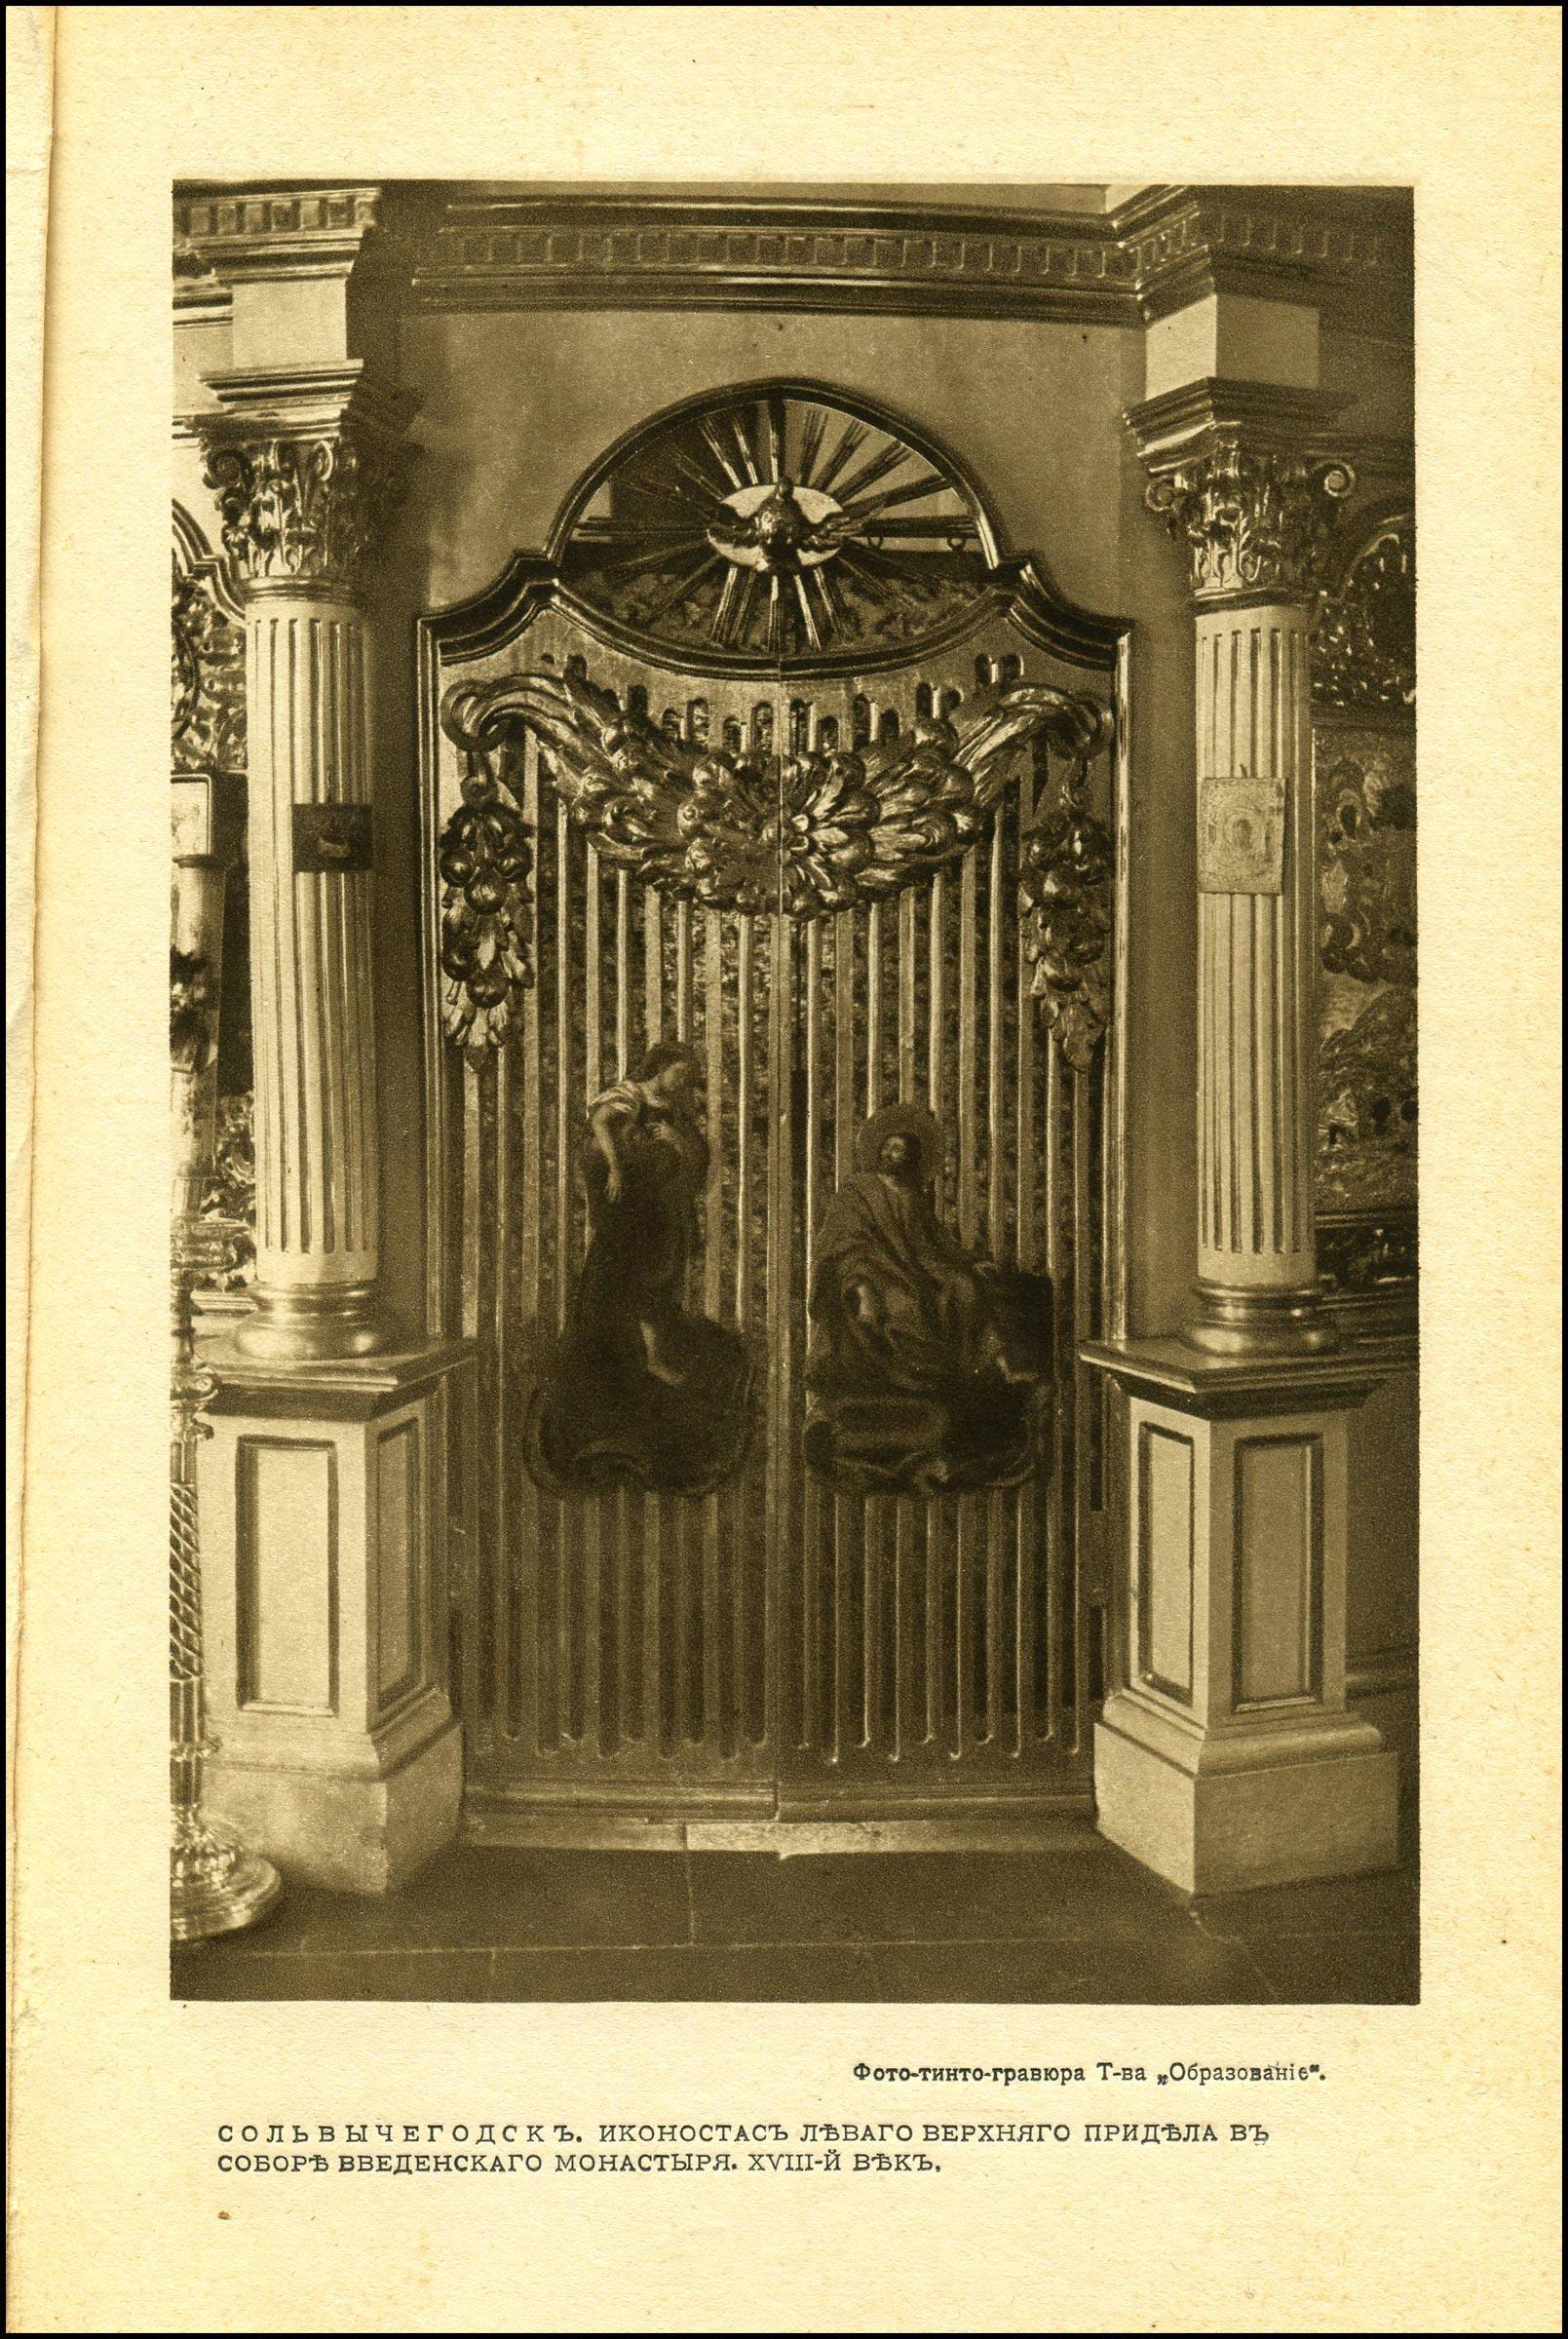 Иконостас левого верхнего придела в соборе Введенского монастыря